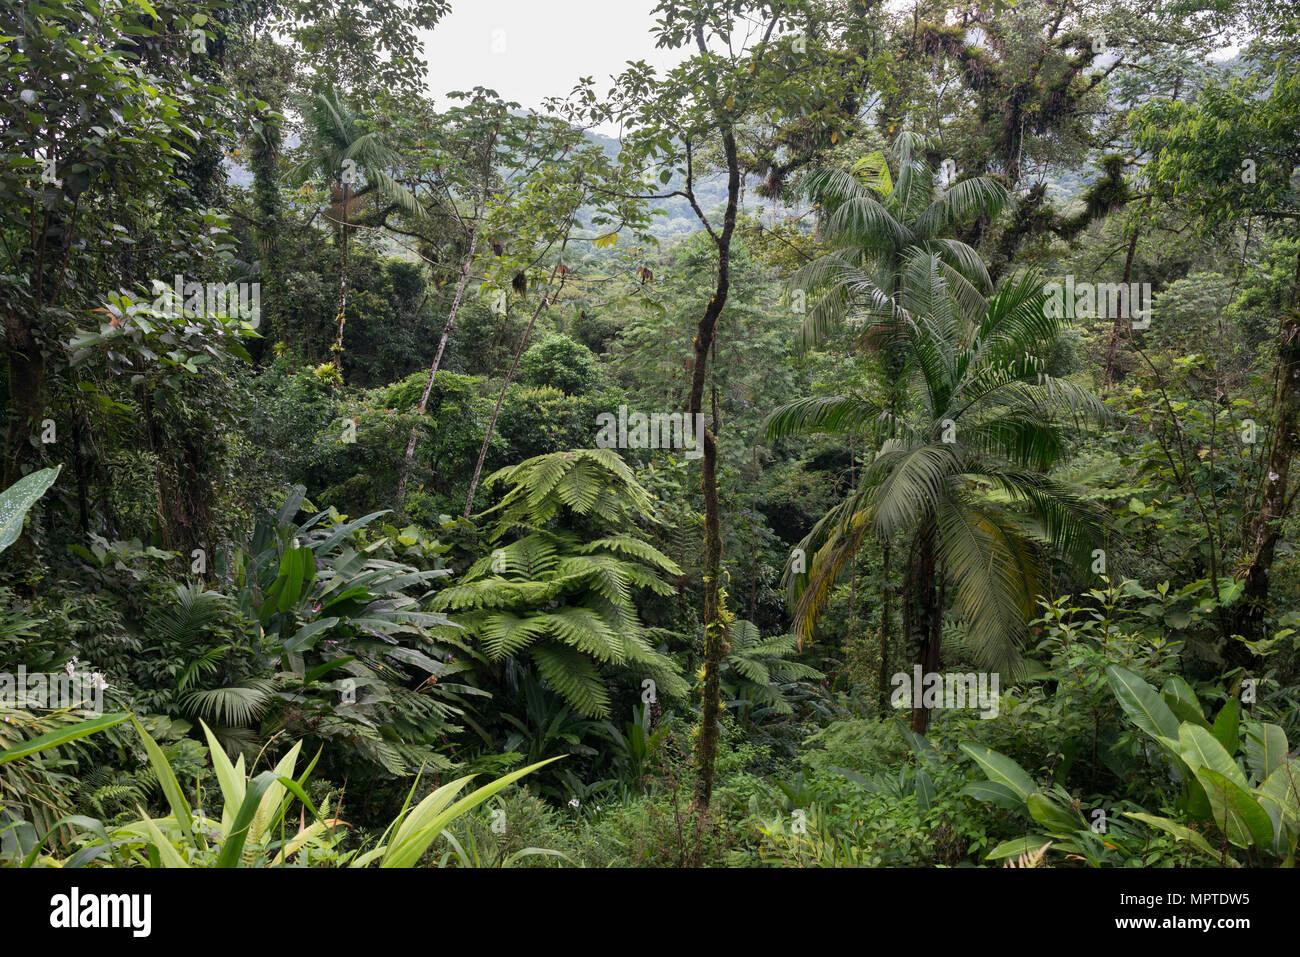 Atlantic Rainforest in SE São Paulo State, Brazil - Stock Image